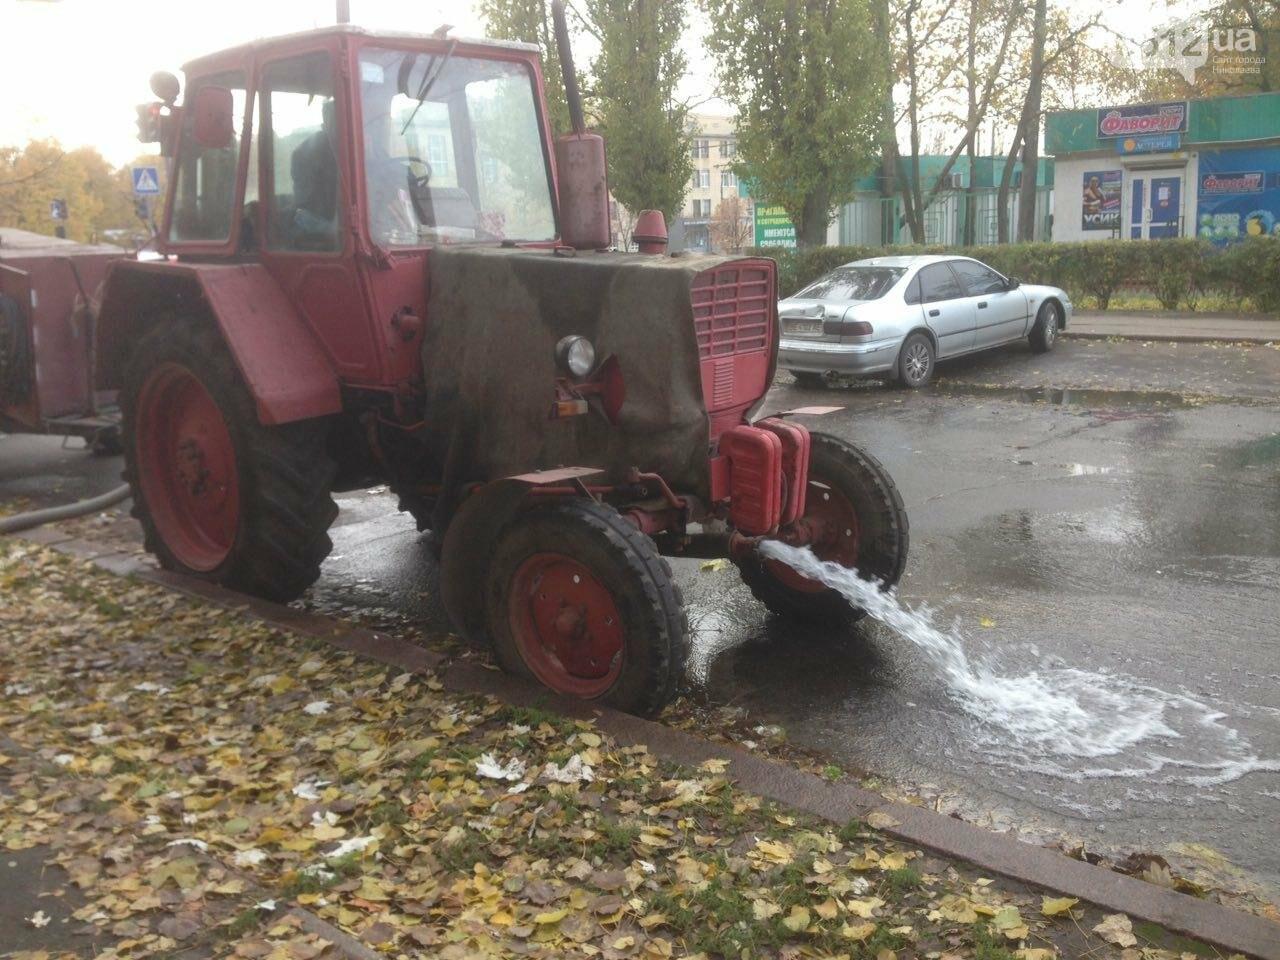 """В Николаеве жилой дом в очередной раз затопило водой - сотрудники """"водоканала"""" разводят руками, фото-2"""